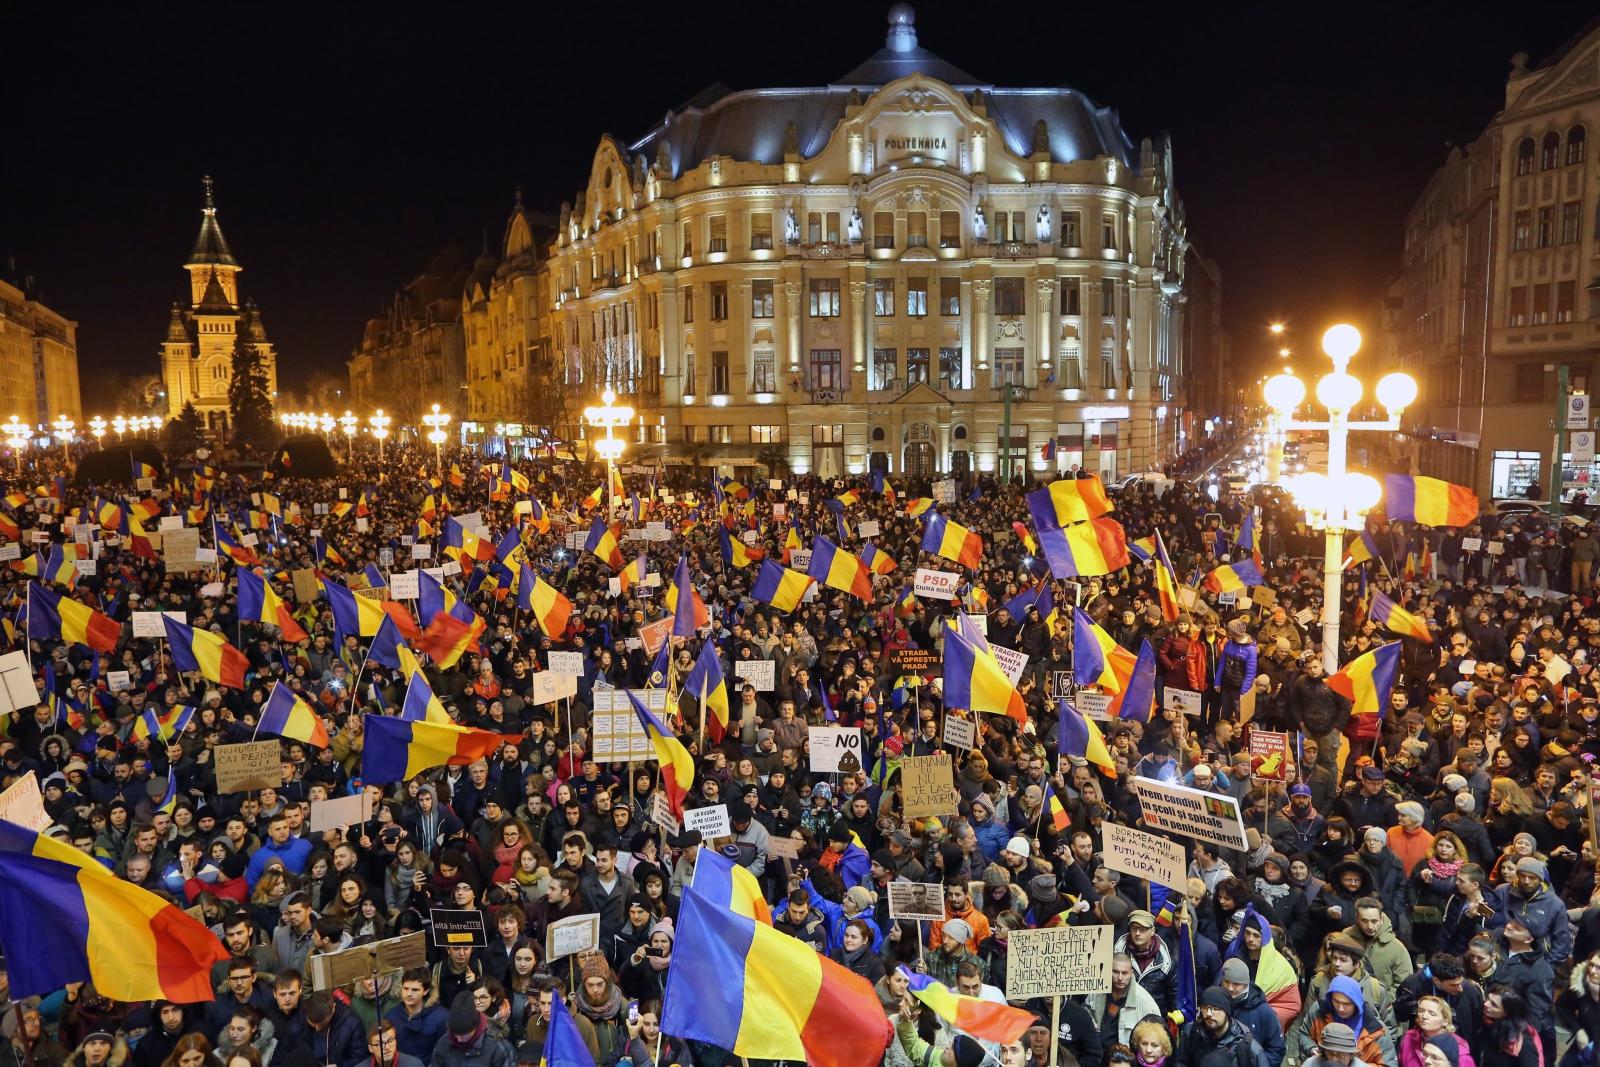 Ludzie krzyczą antyrządowe hasła w czasie protestów w Rumunii.